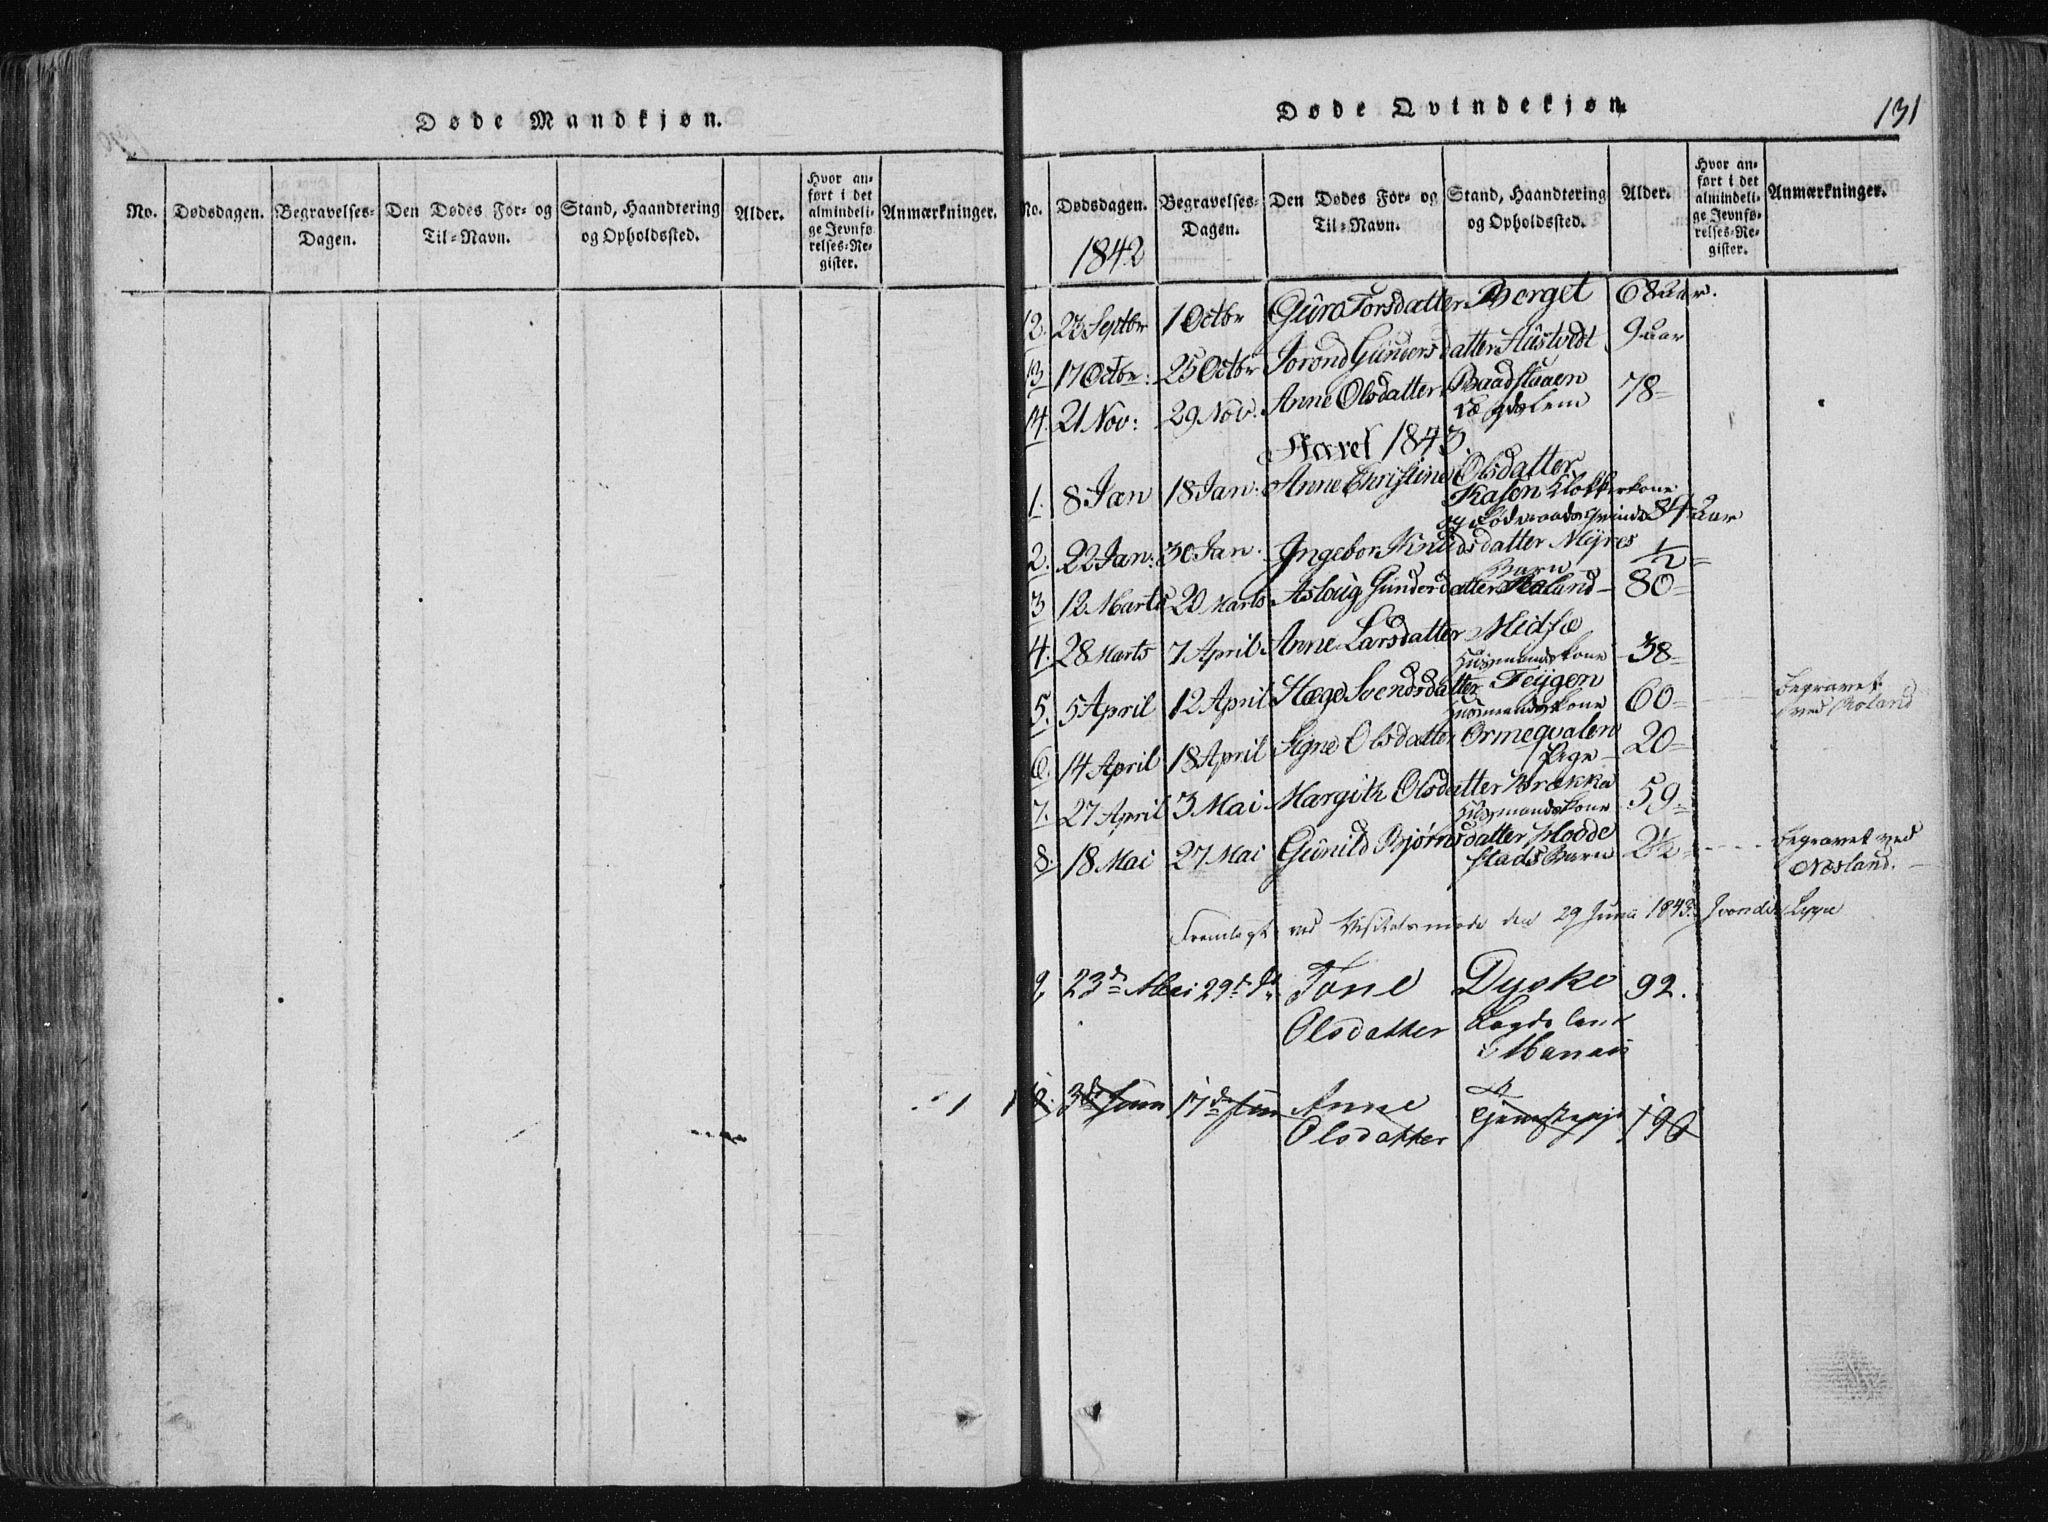 SAKO, Vinje kirkebøker, F/Fa/L0003: Ministerialbok nr. I 3, 1814-1843, s. 131